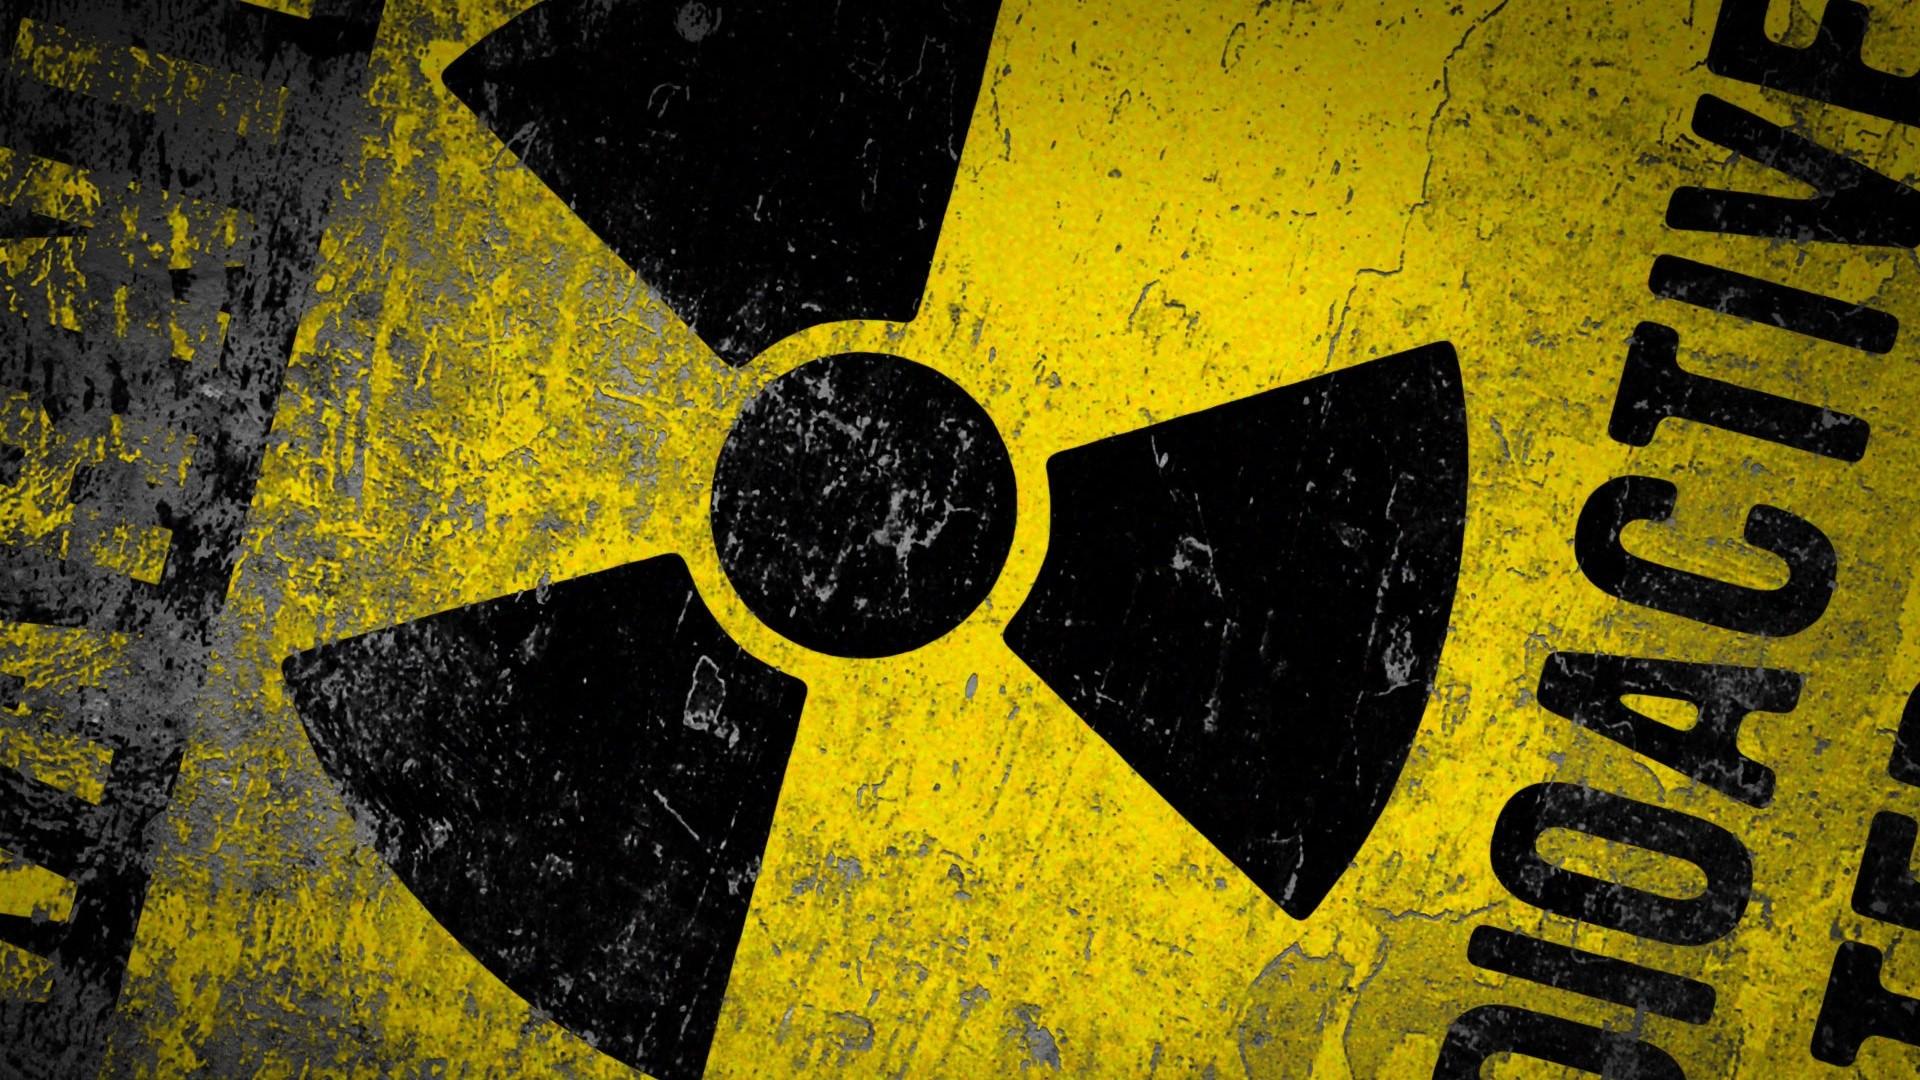 Danger HD Wallpaper